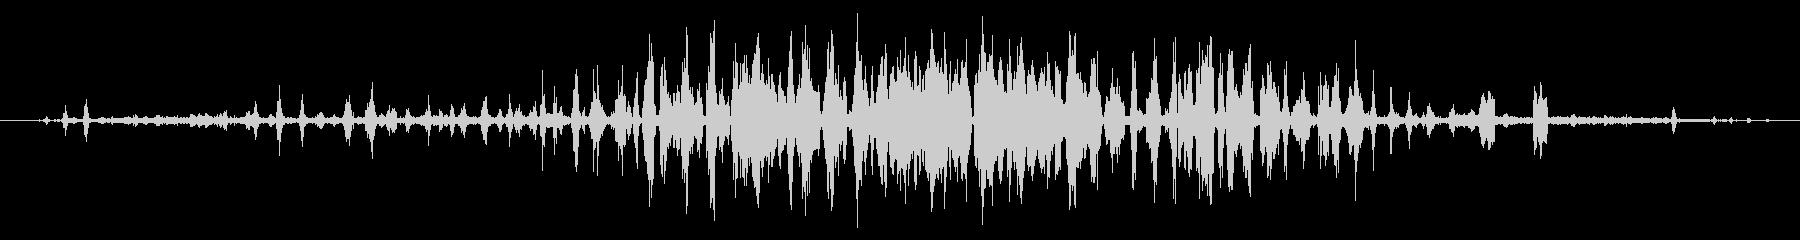 フラミンゴのグループ:チャタリングの未再生の波形